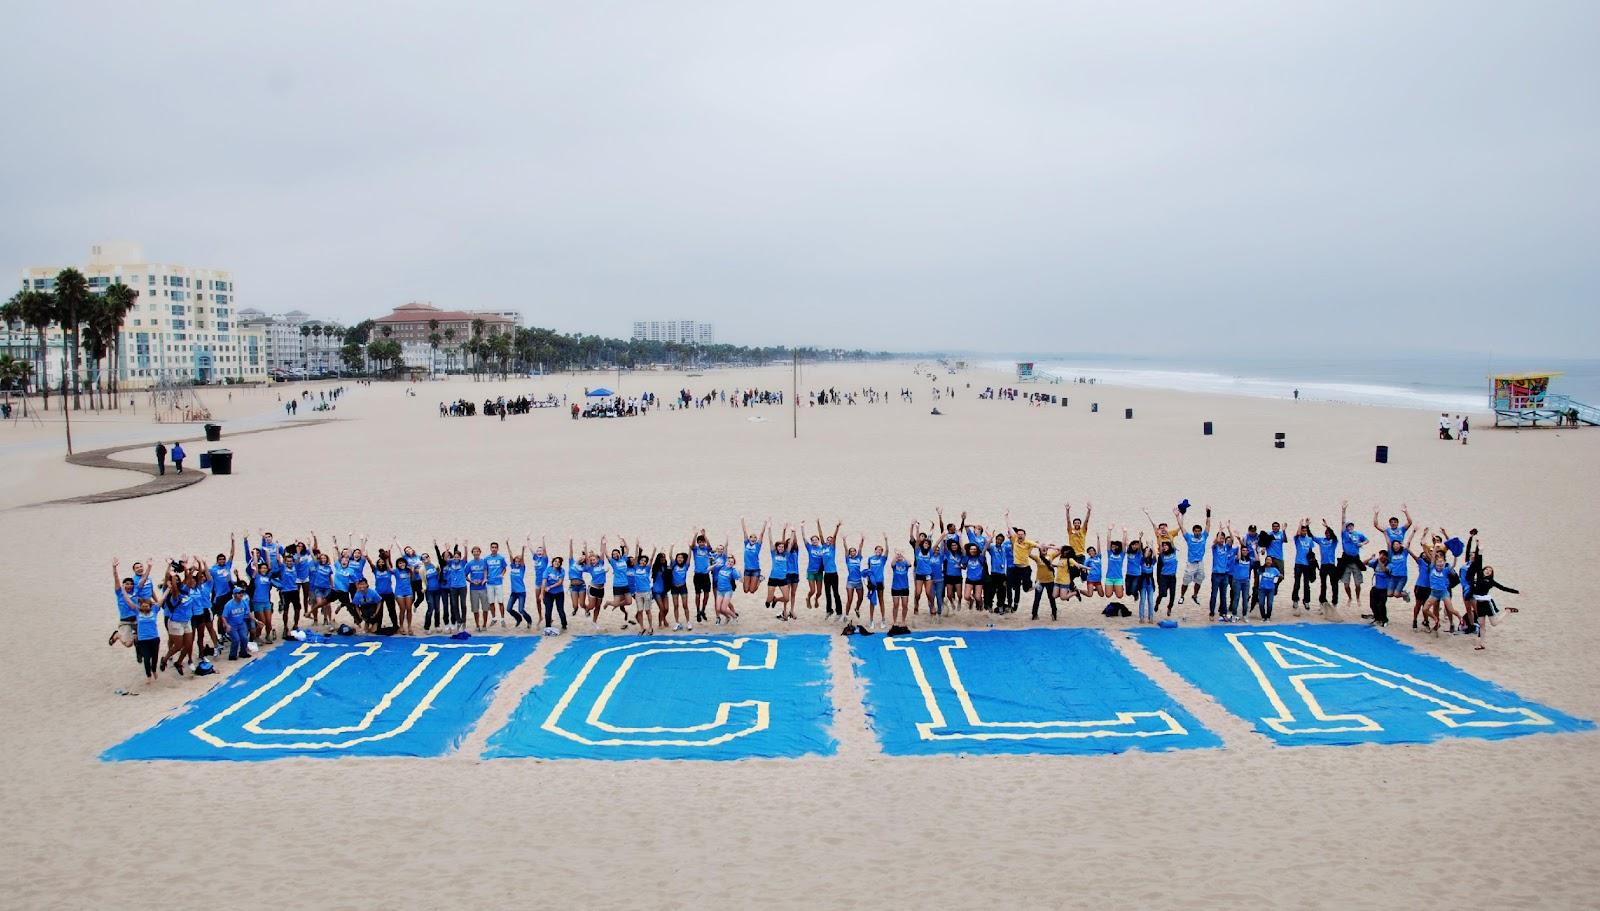 Картинки по запросу university of california los angeles beach